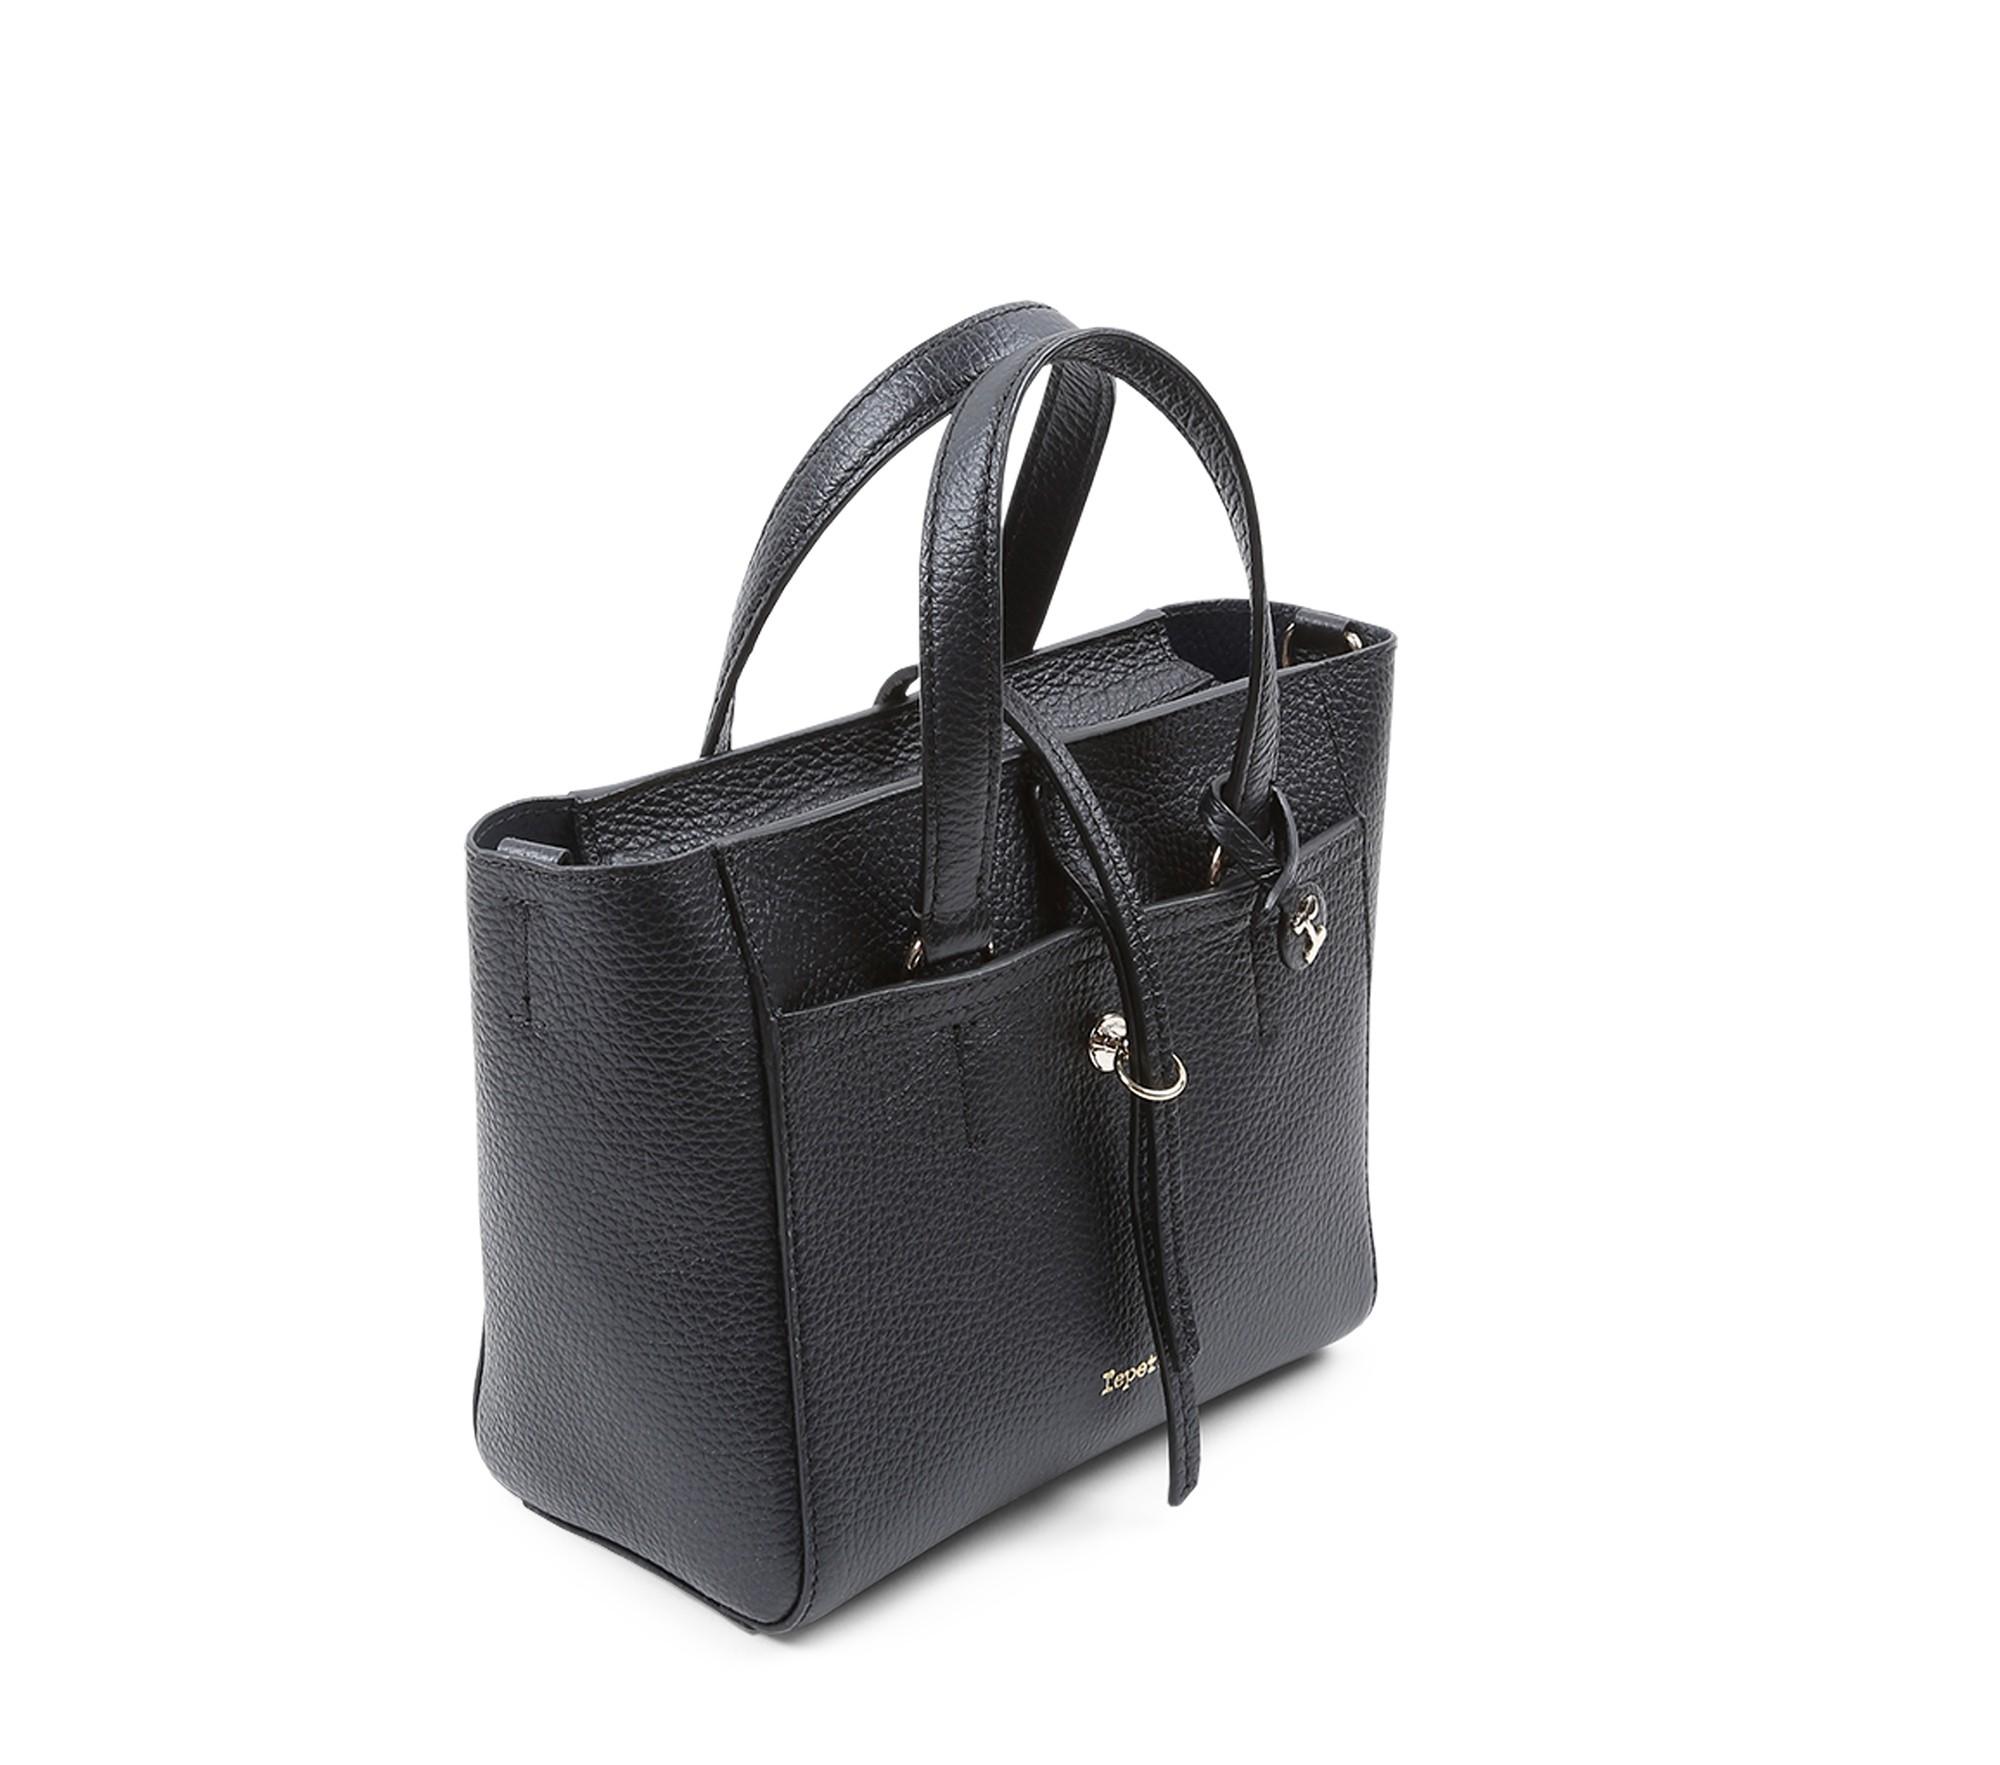 Small Royal Shopping Bag